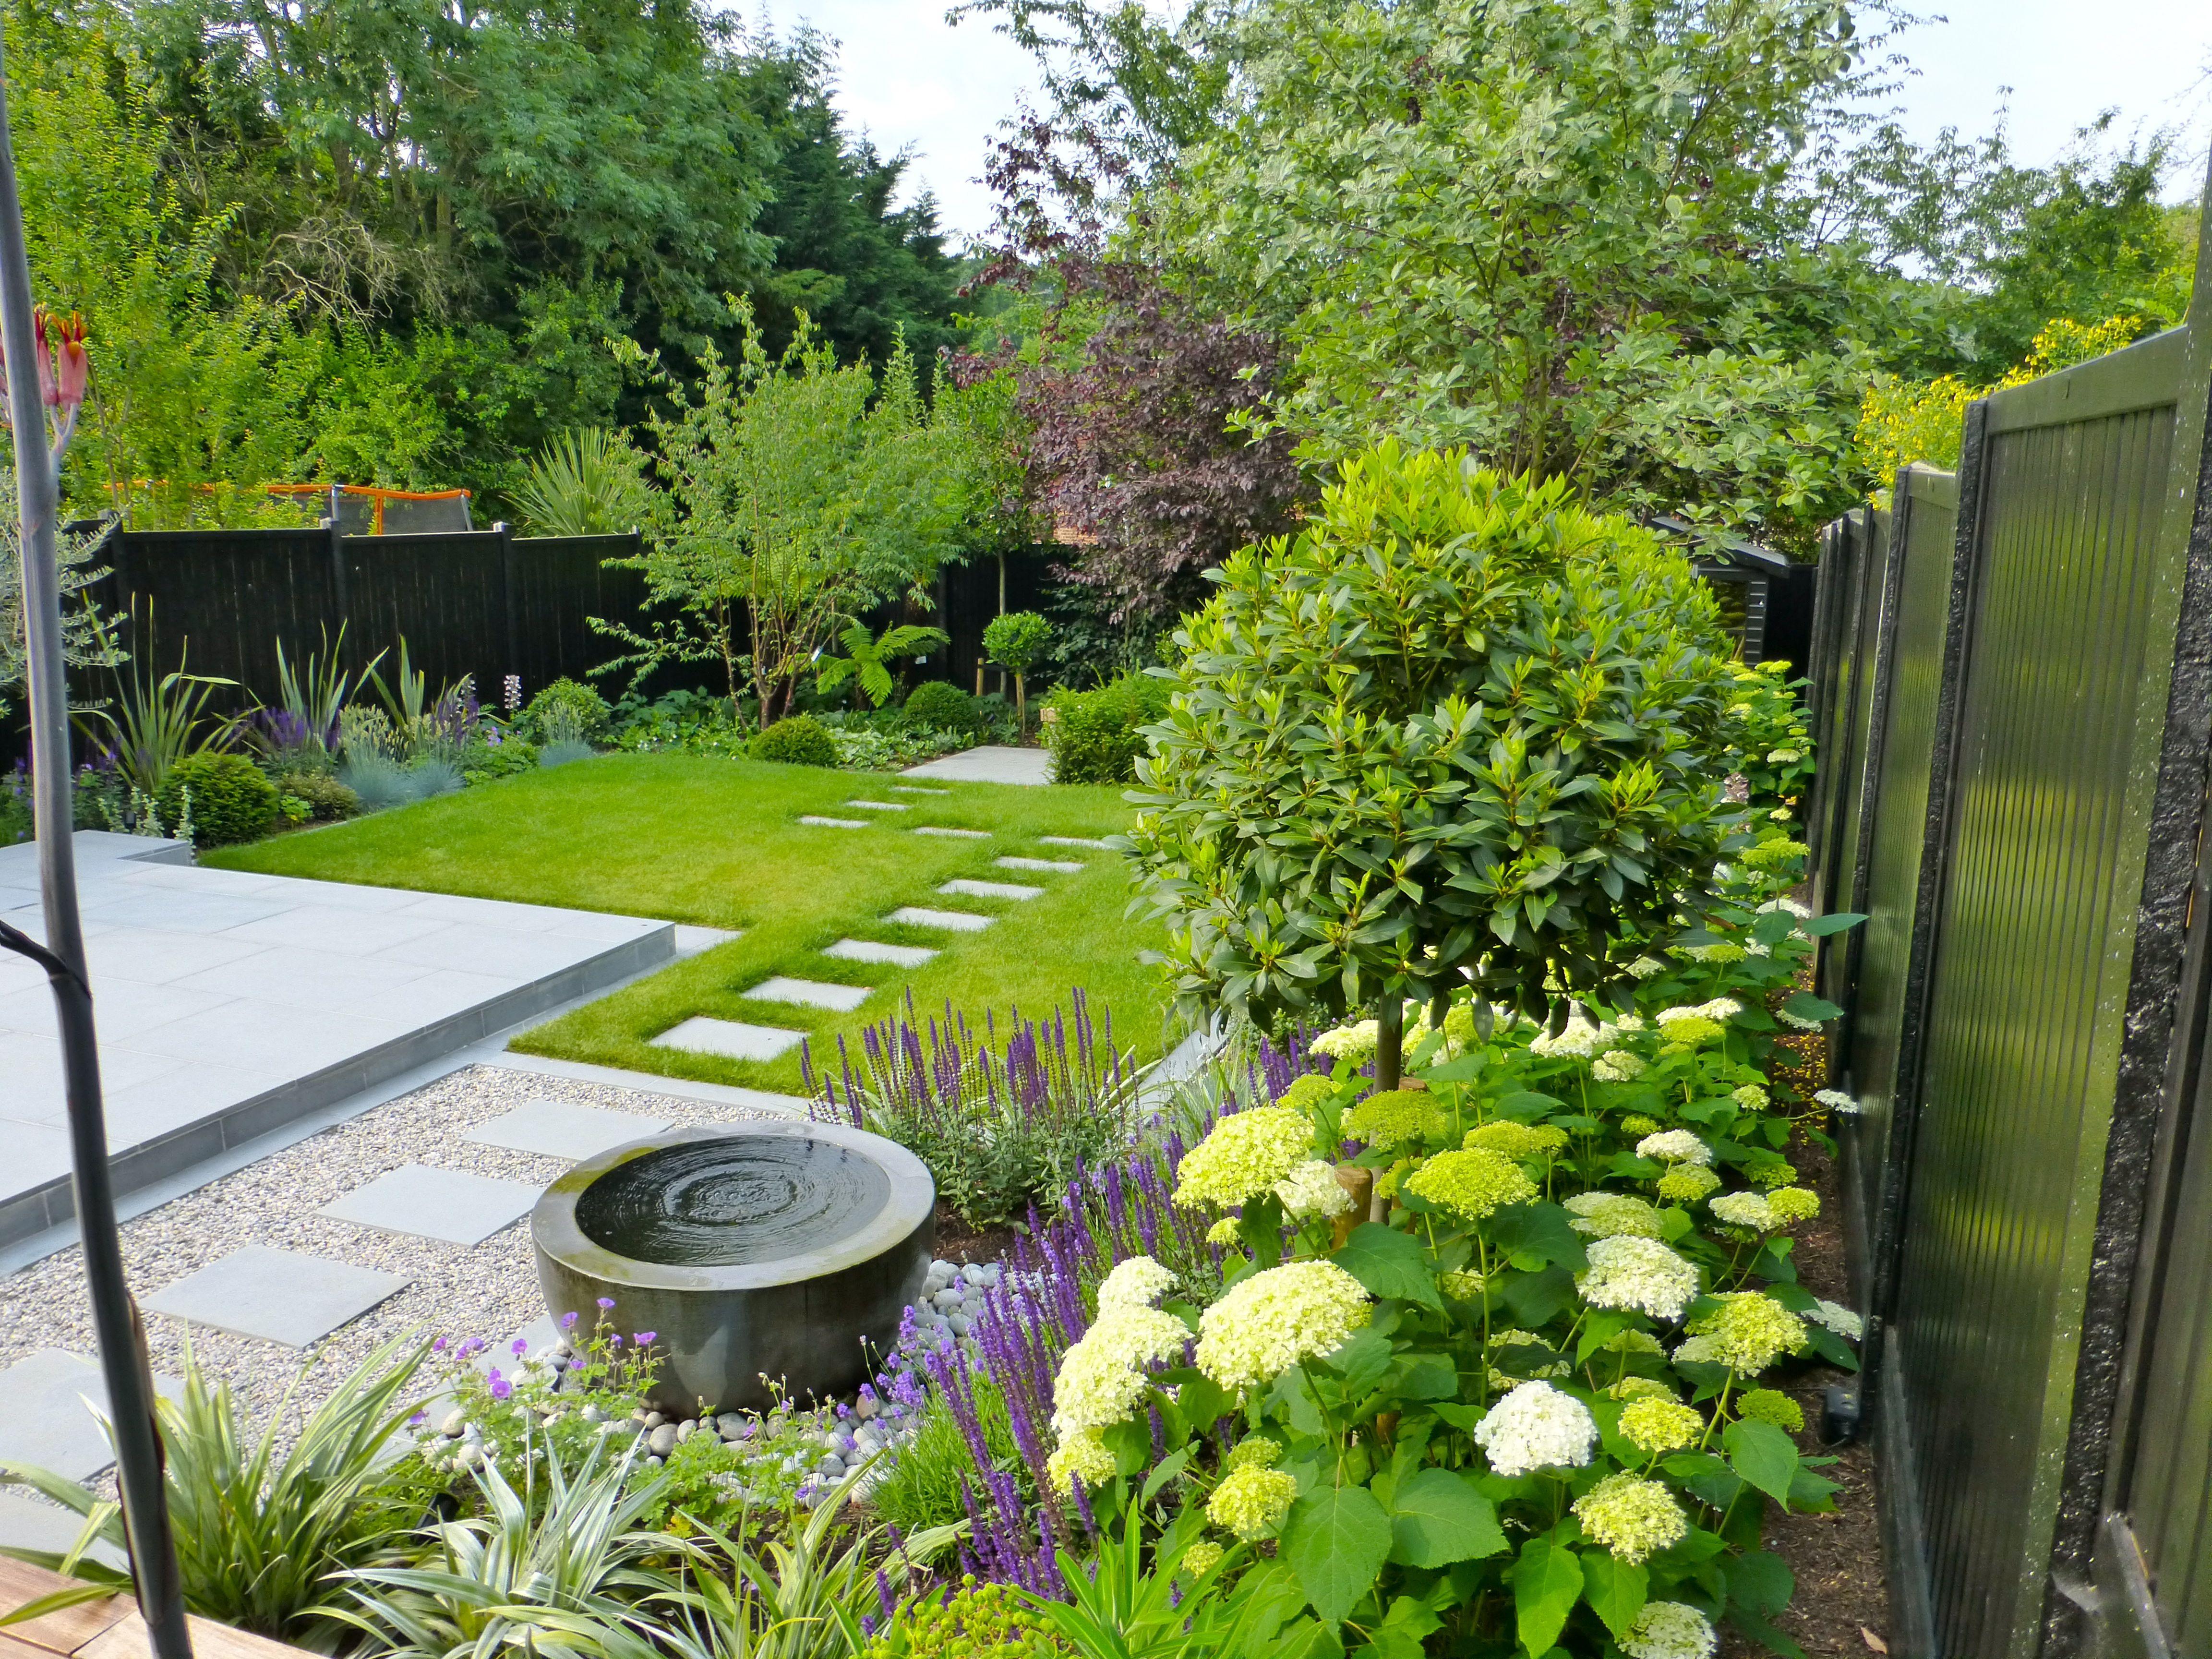 Jika Kesulitan Untuk Mencari Alamat Agen Dan Distributor Wallpaper Dinding Di Jakarta Bisa Belanja O Garden Design Layout Modern Garden Design Landscape Design